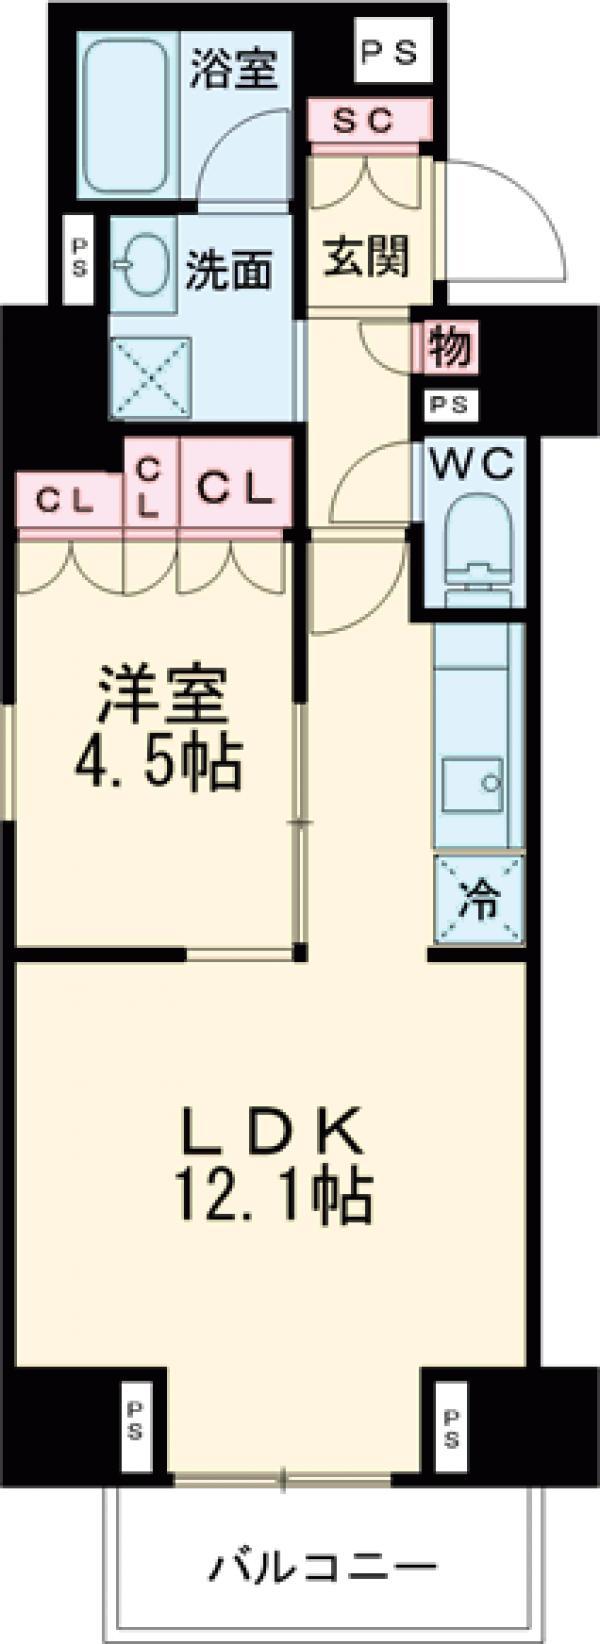 プラウドフラット西早稲田・401号室の間取り